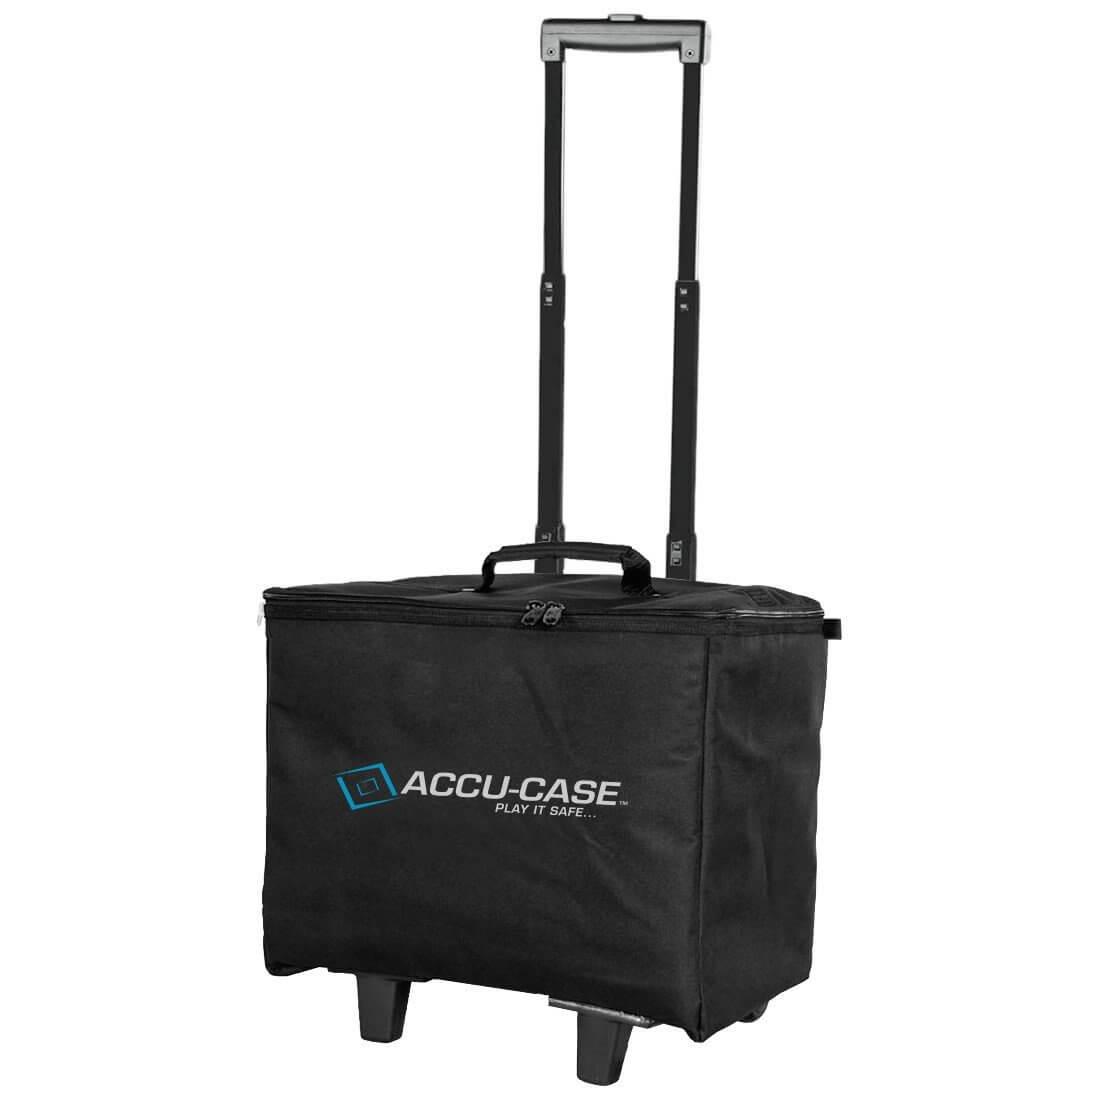 Accu-Case ASC-ACR22 Wheelable Carry Case